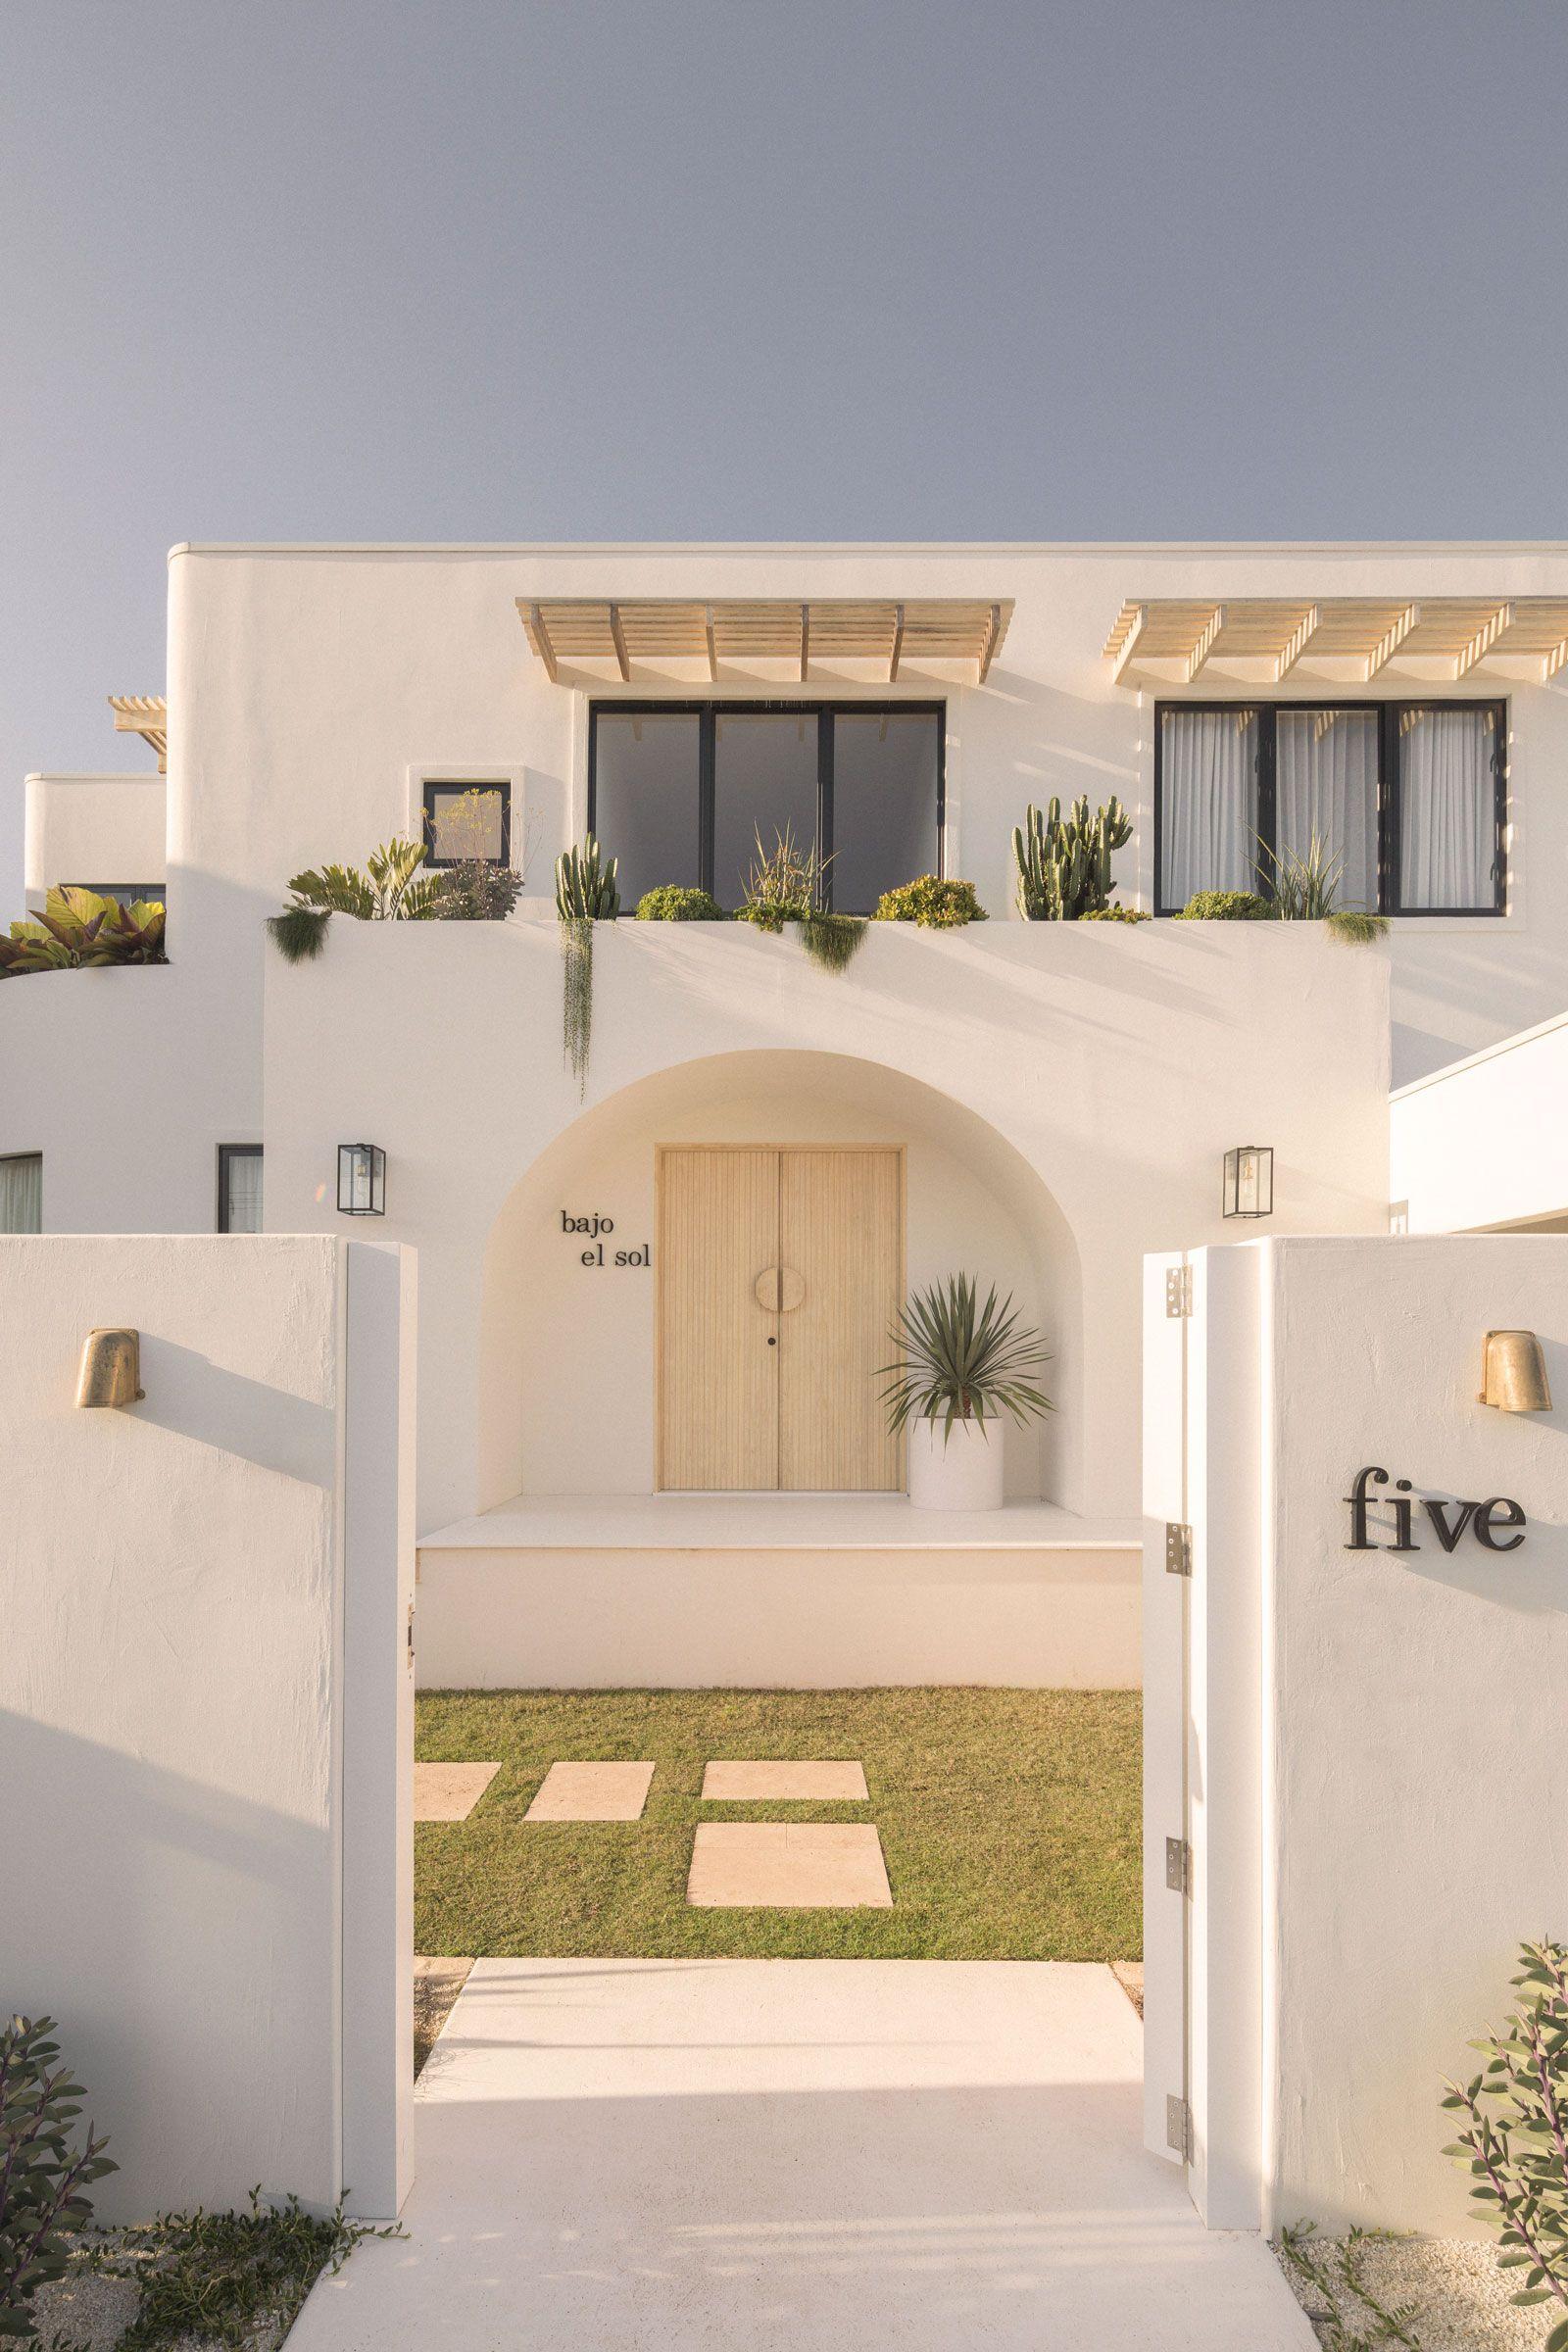 Bajo El Sol Beach House by Kelle Howard - Project Feature - The Local Project - The Local Project